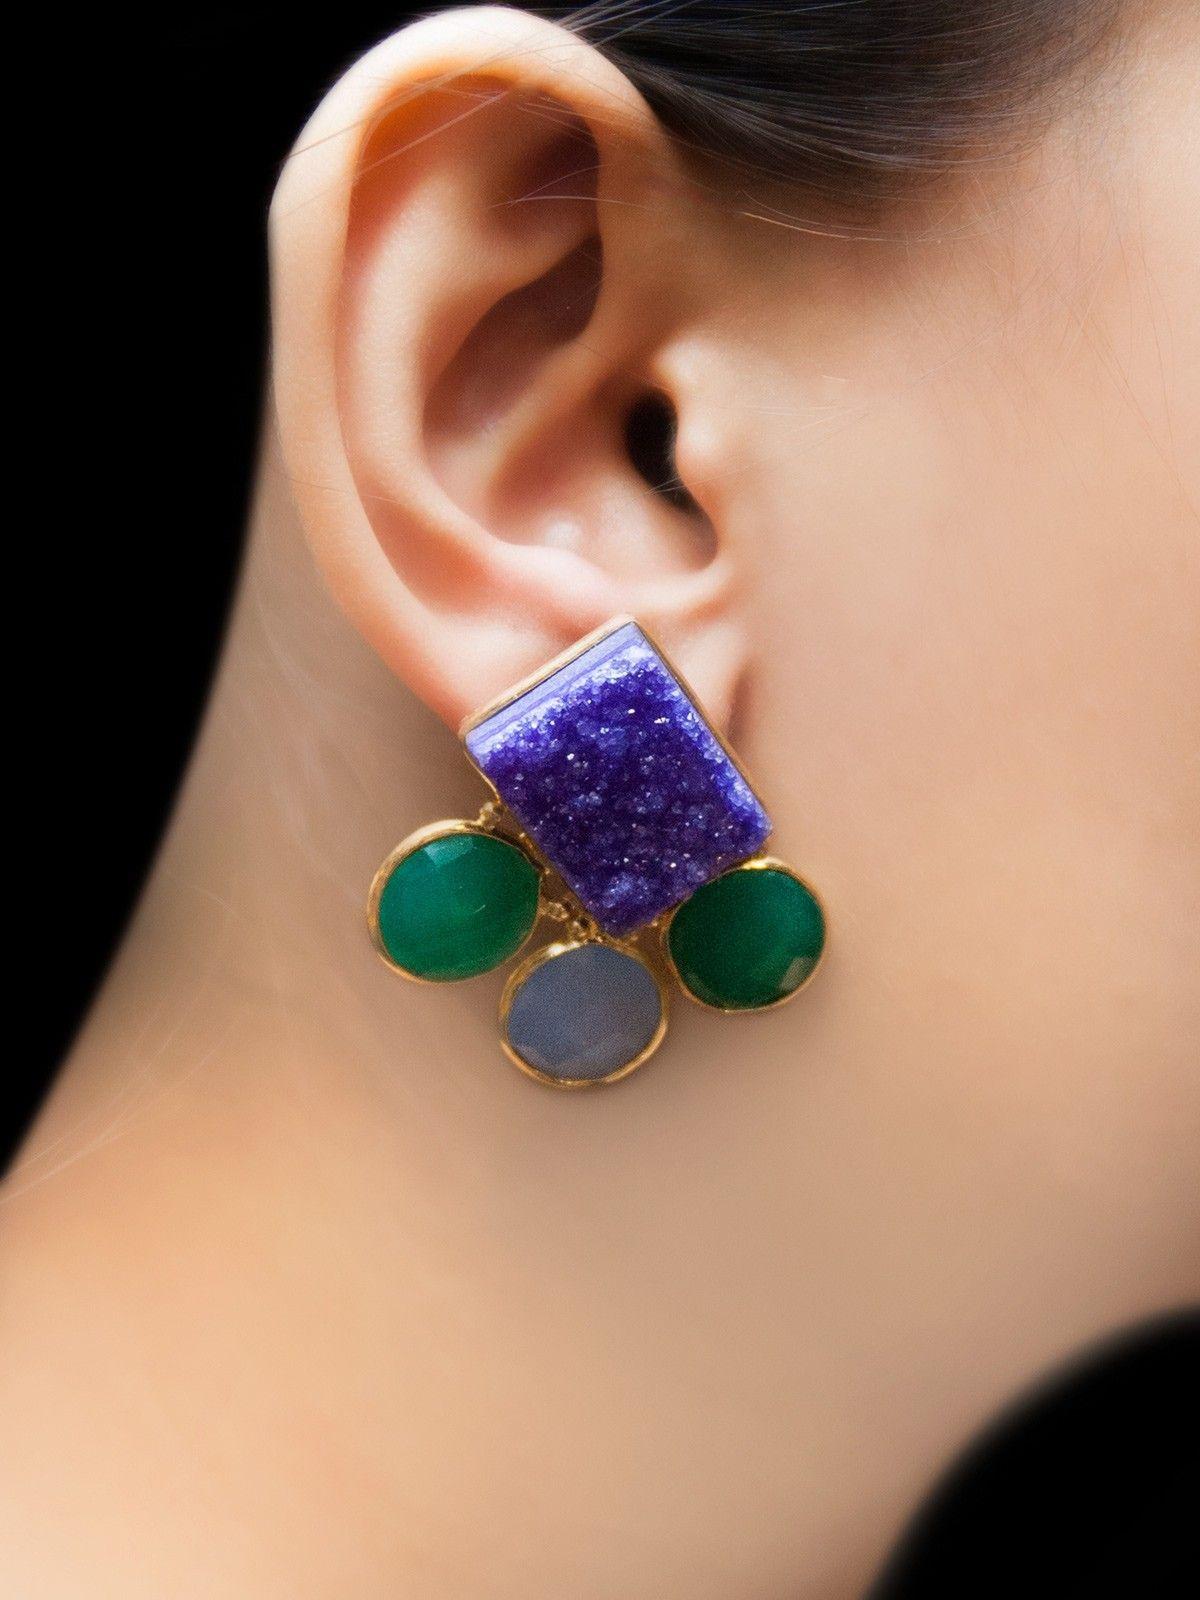 Neptune trojan earrings